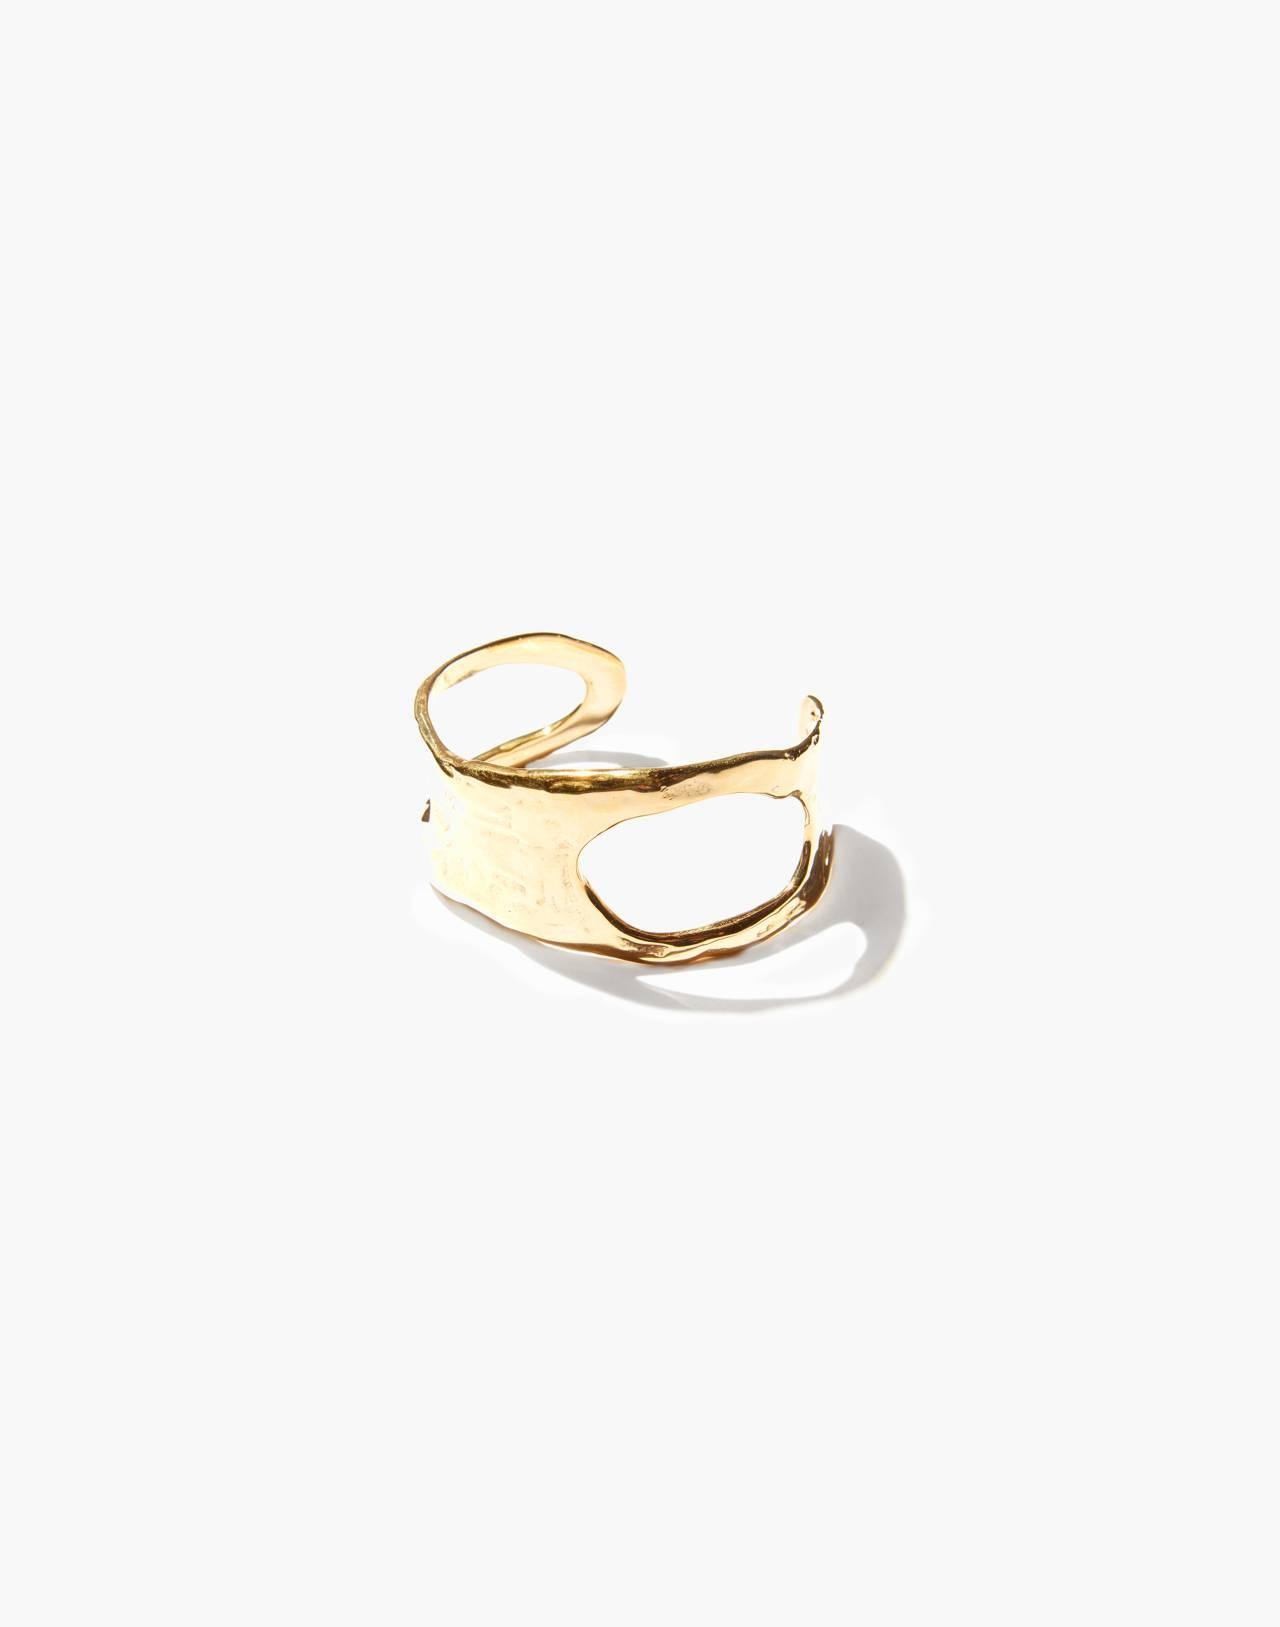 Odette New York® Cutout Lunate Cuff Bracelet in gold image 2